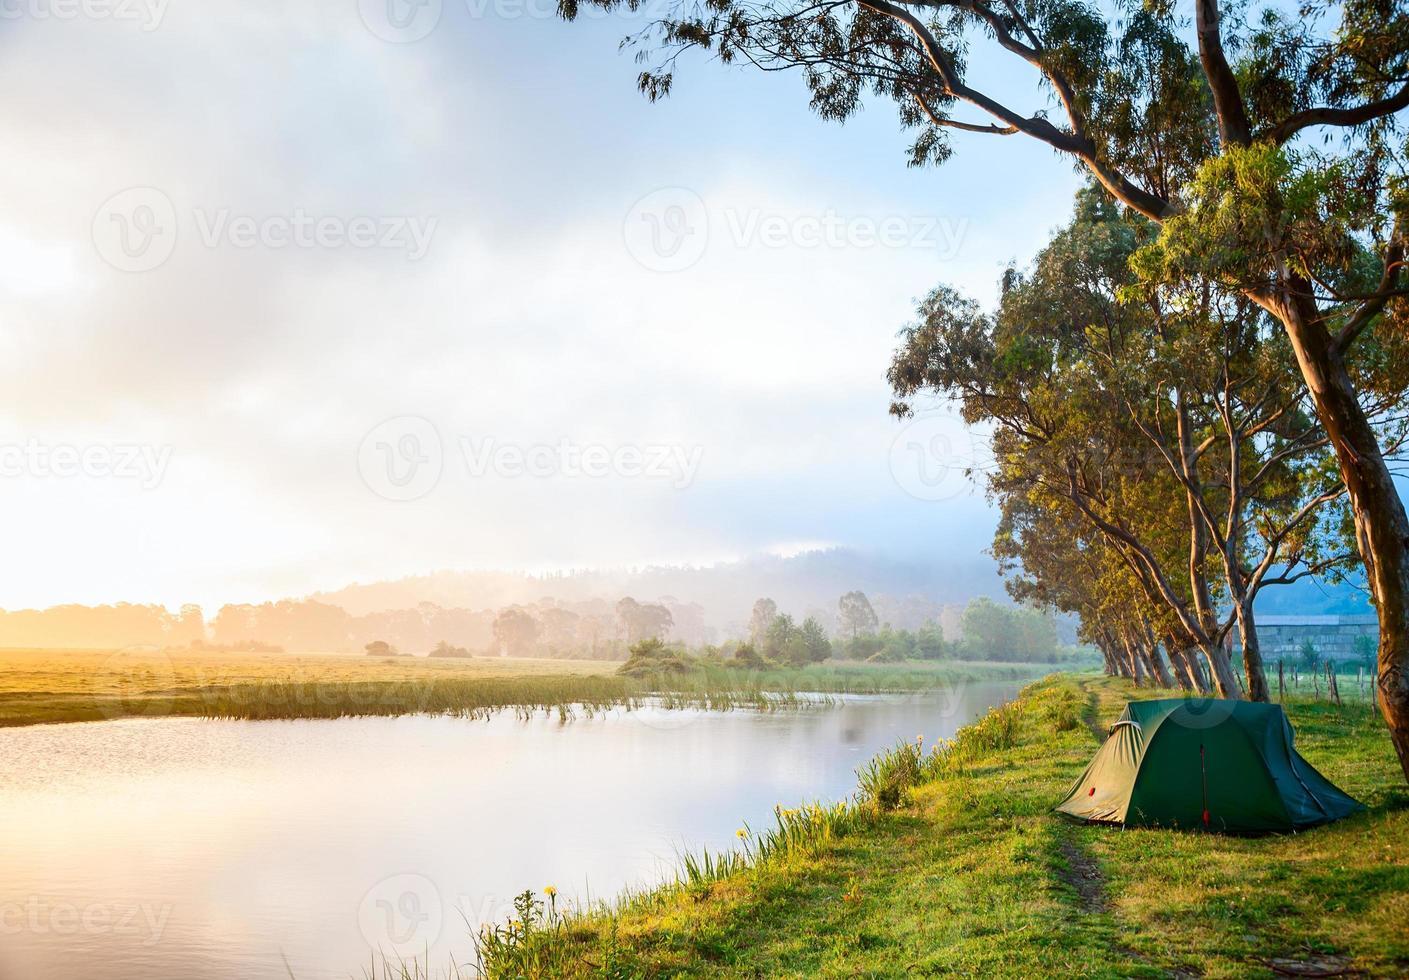 acampar perto de um rio foto